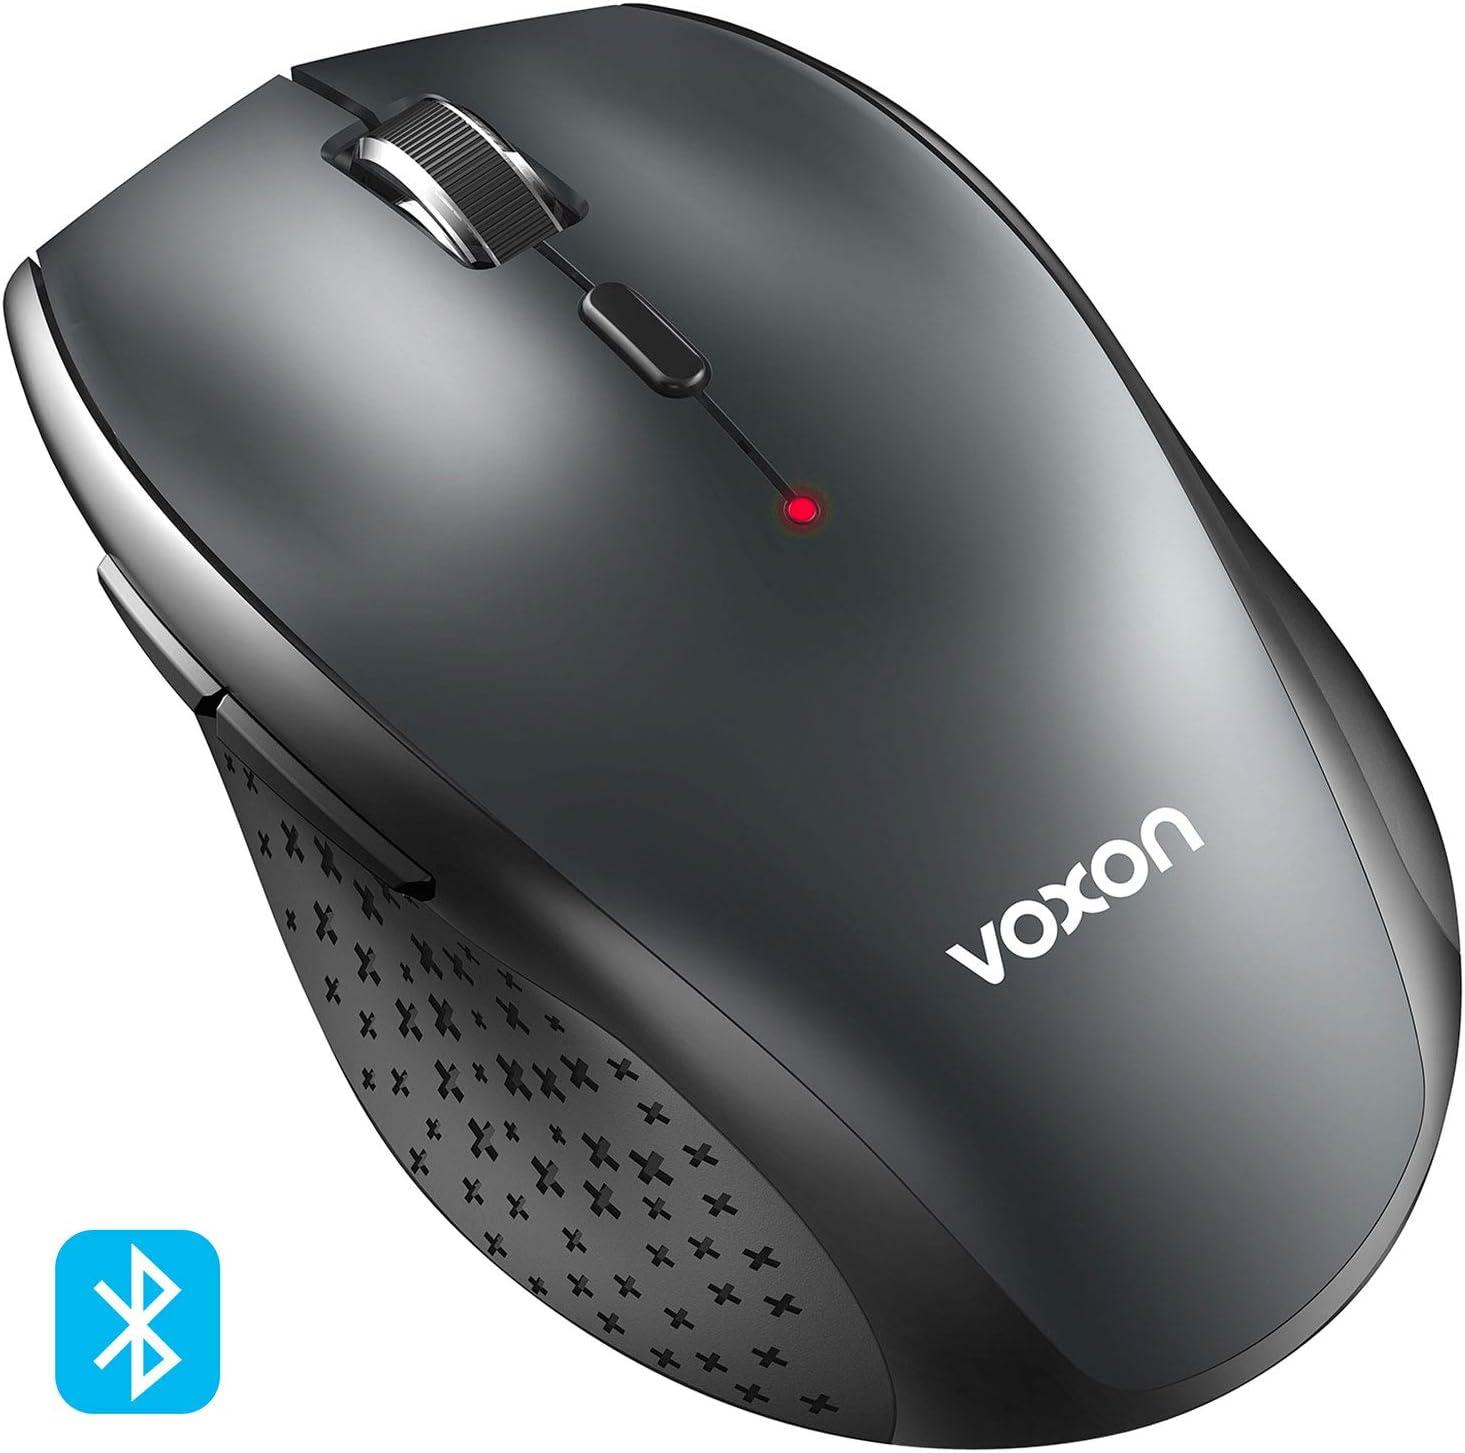 VOXON Ratón Inalámbrico Bluetooth, 3000DPI Wireless Mouse con indicador de batería, 5 Niveles dpi, 3000/2000/1600/1200/800 dpi, Óptico, 5 Botones, 24 Meses duración de batería